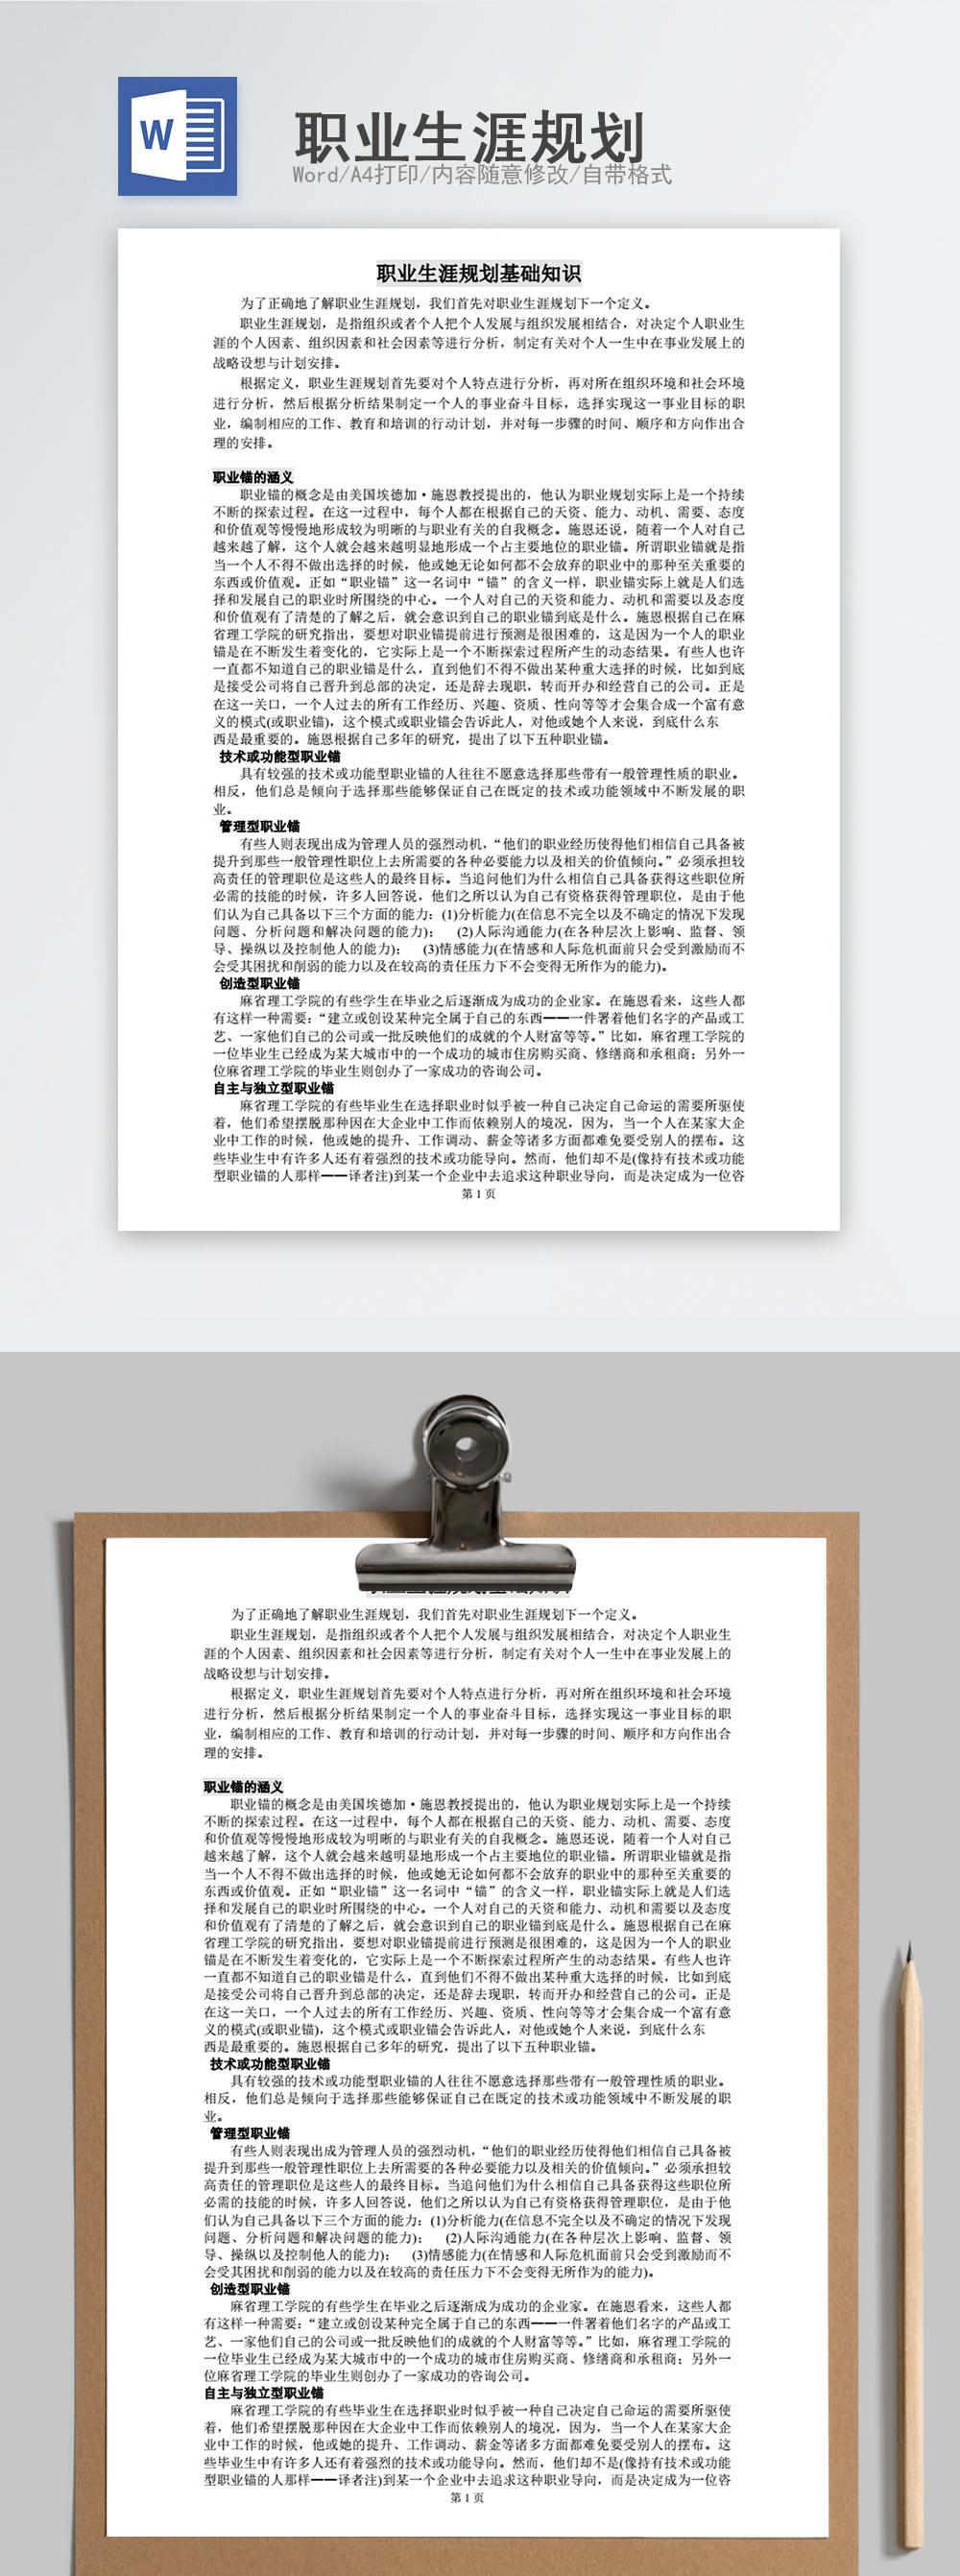 人事管理职业生涯规划工作手册Word文档图片